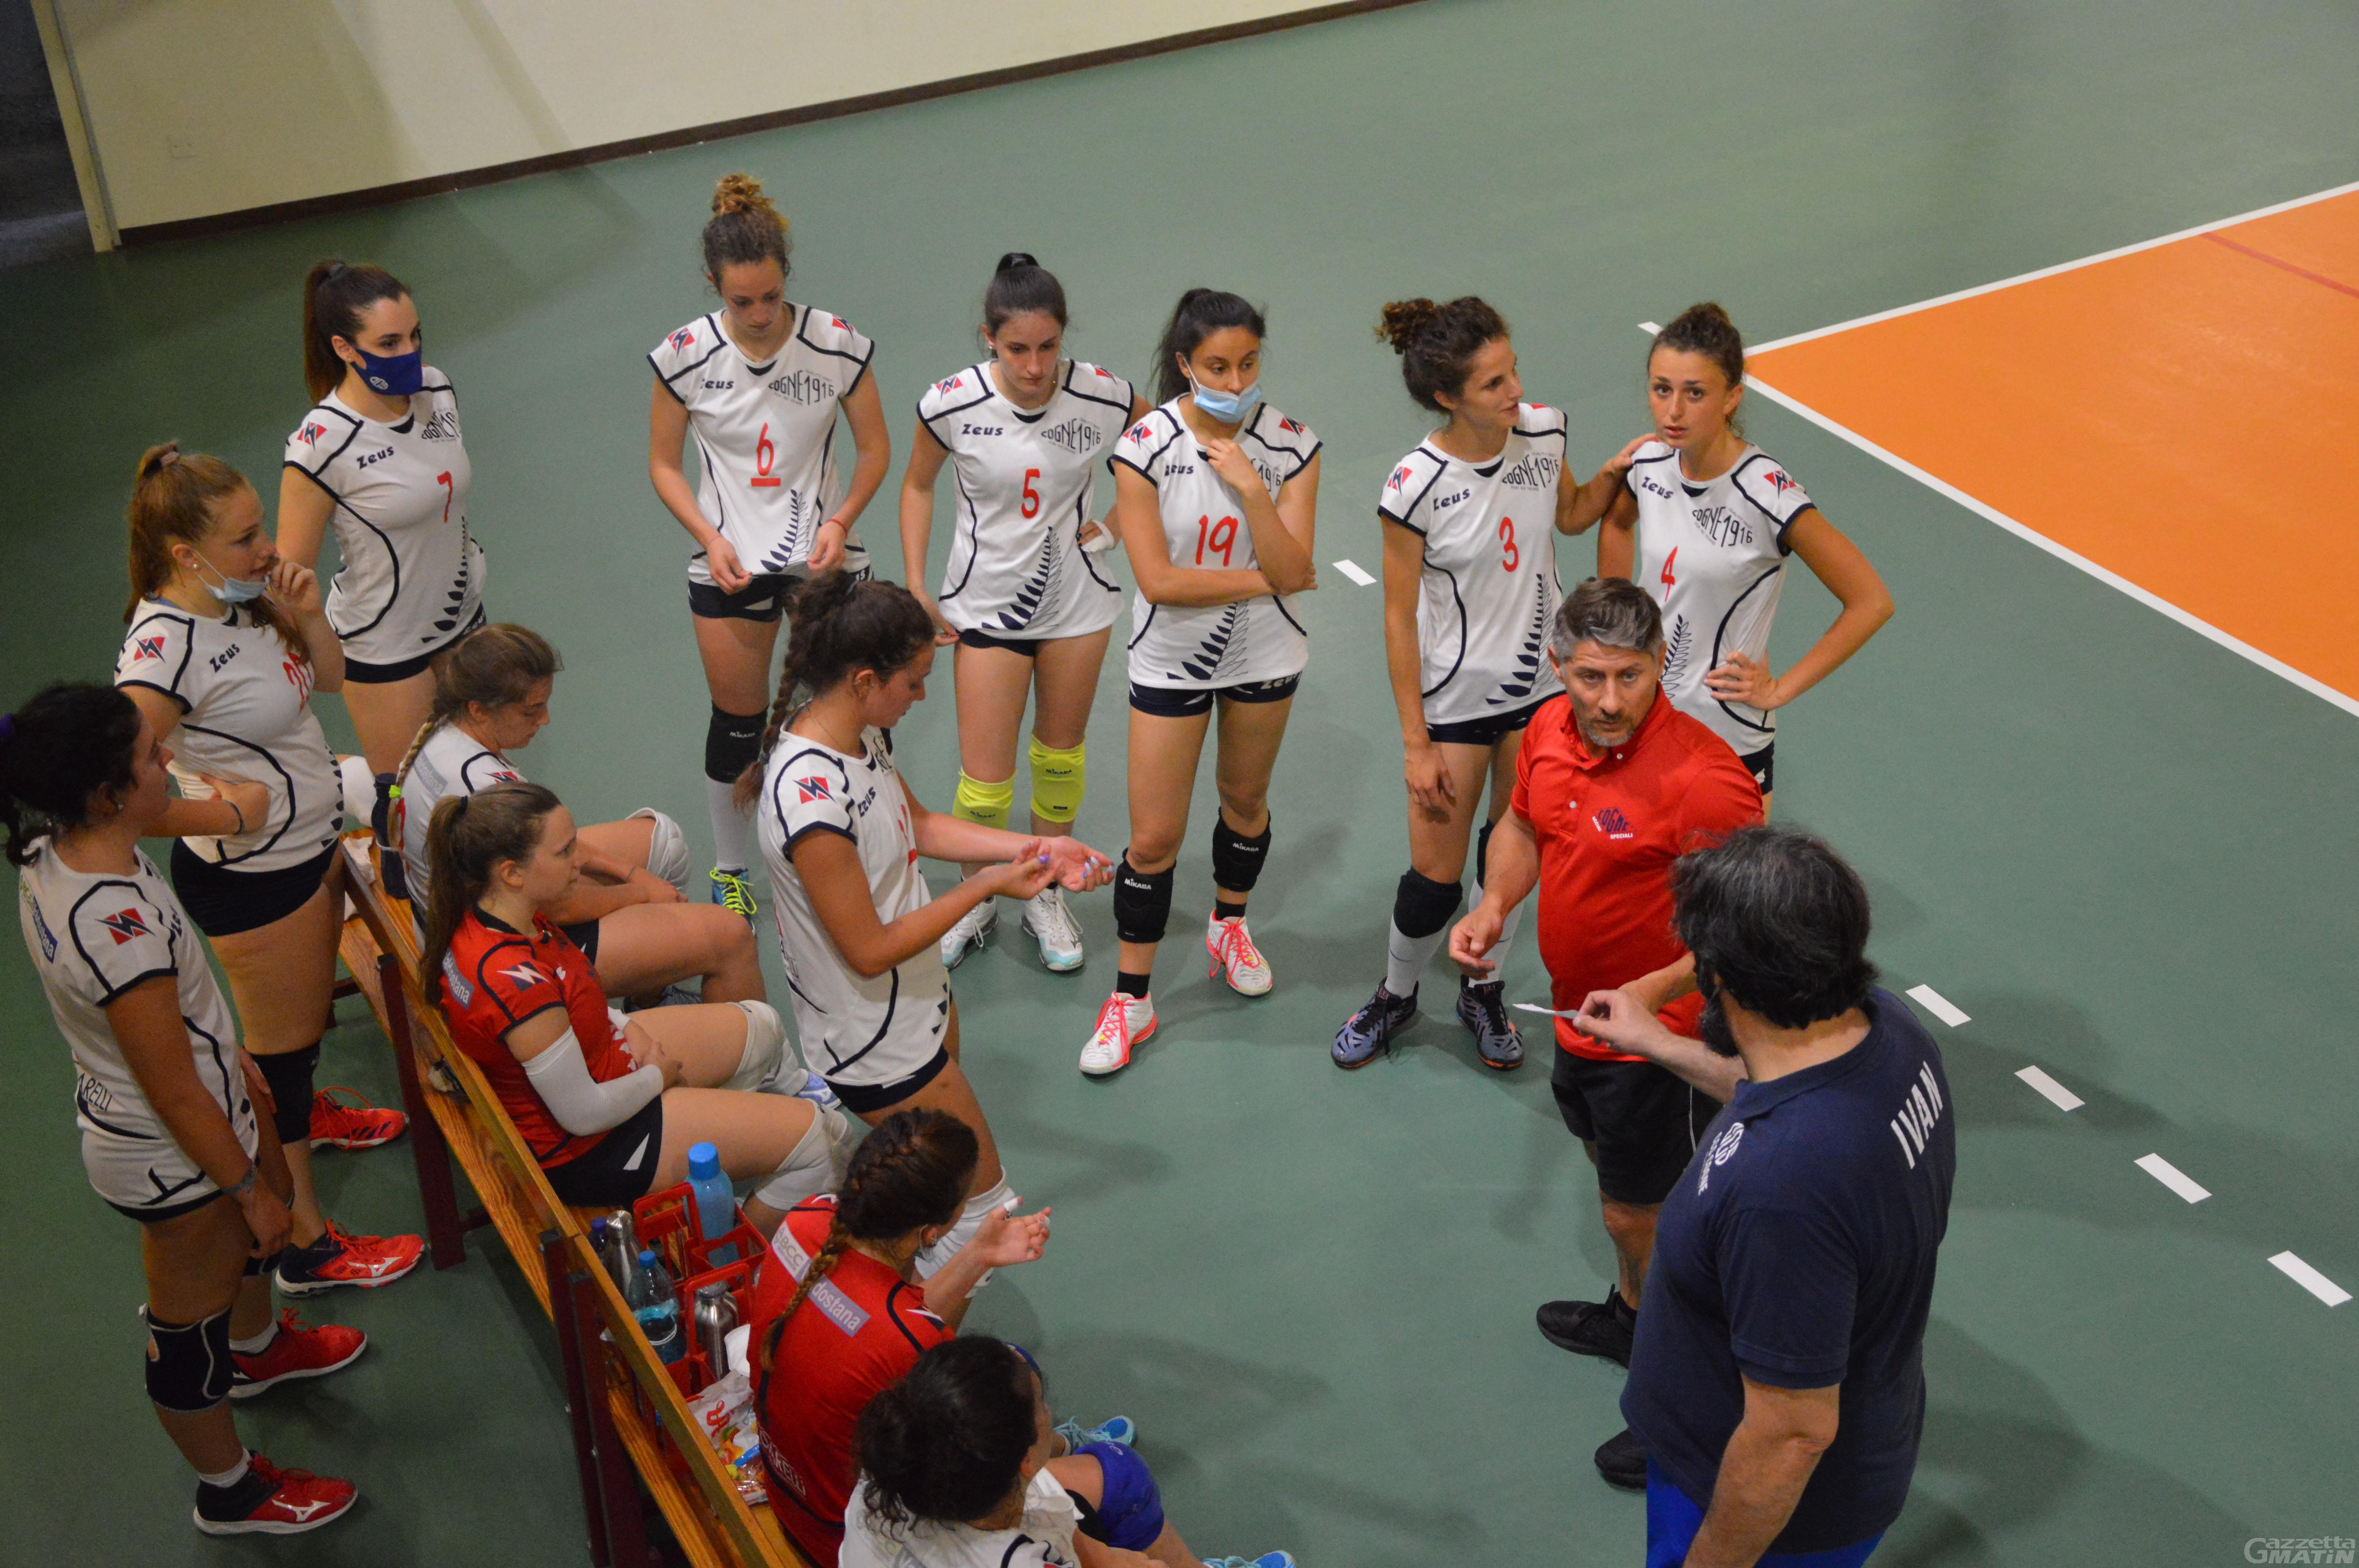 Volley: la Cogne Acciai Speciali vuole allungare il sogno